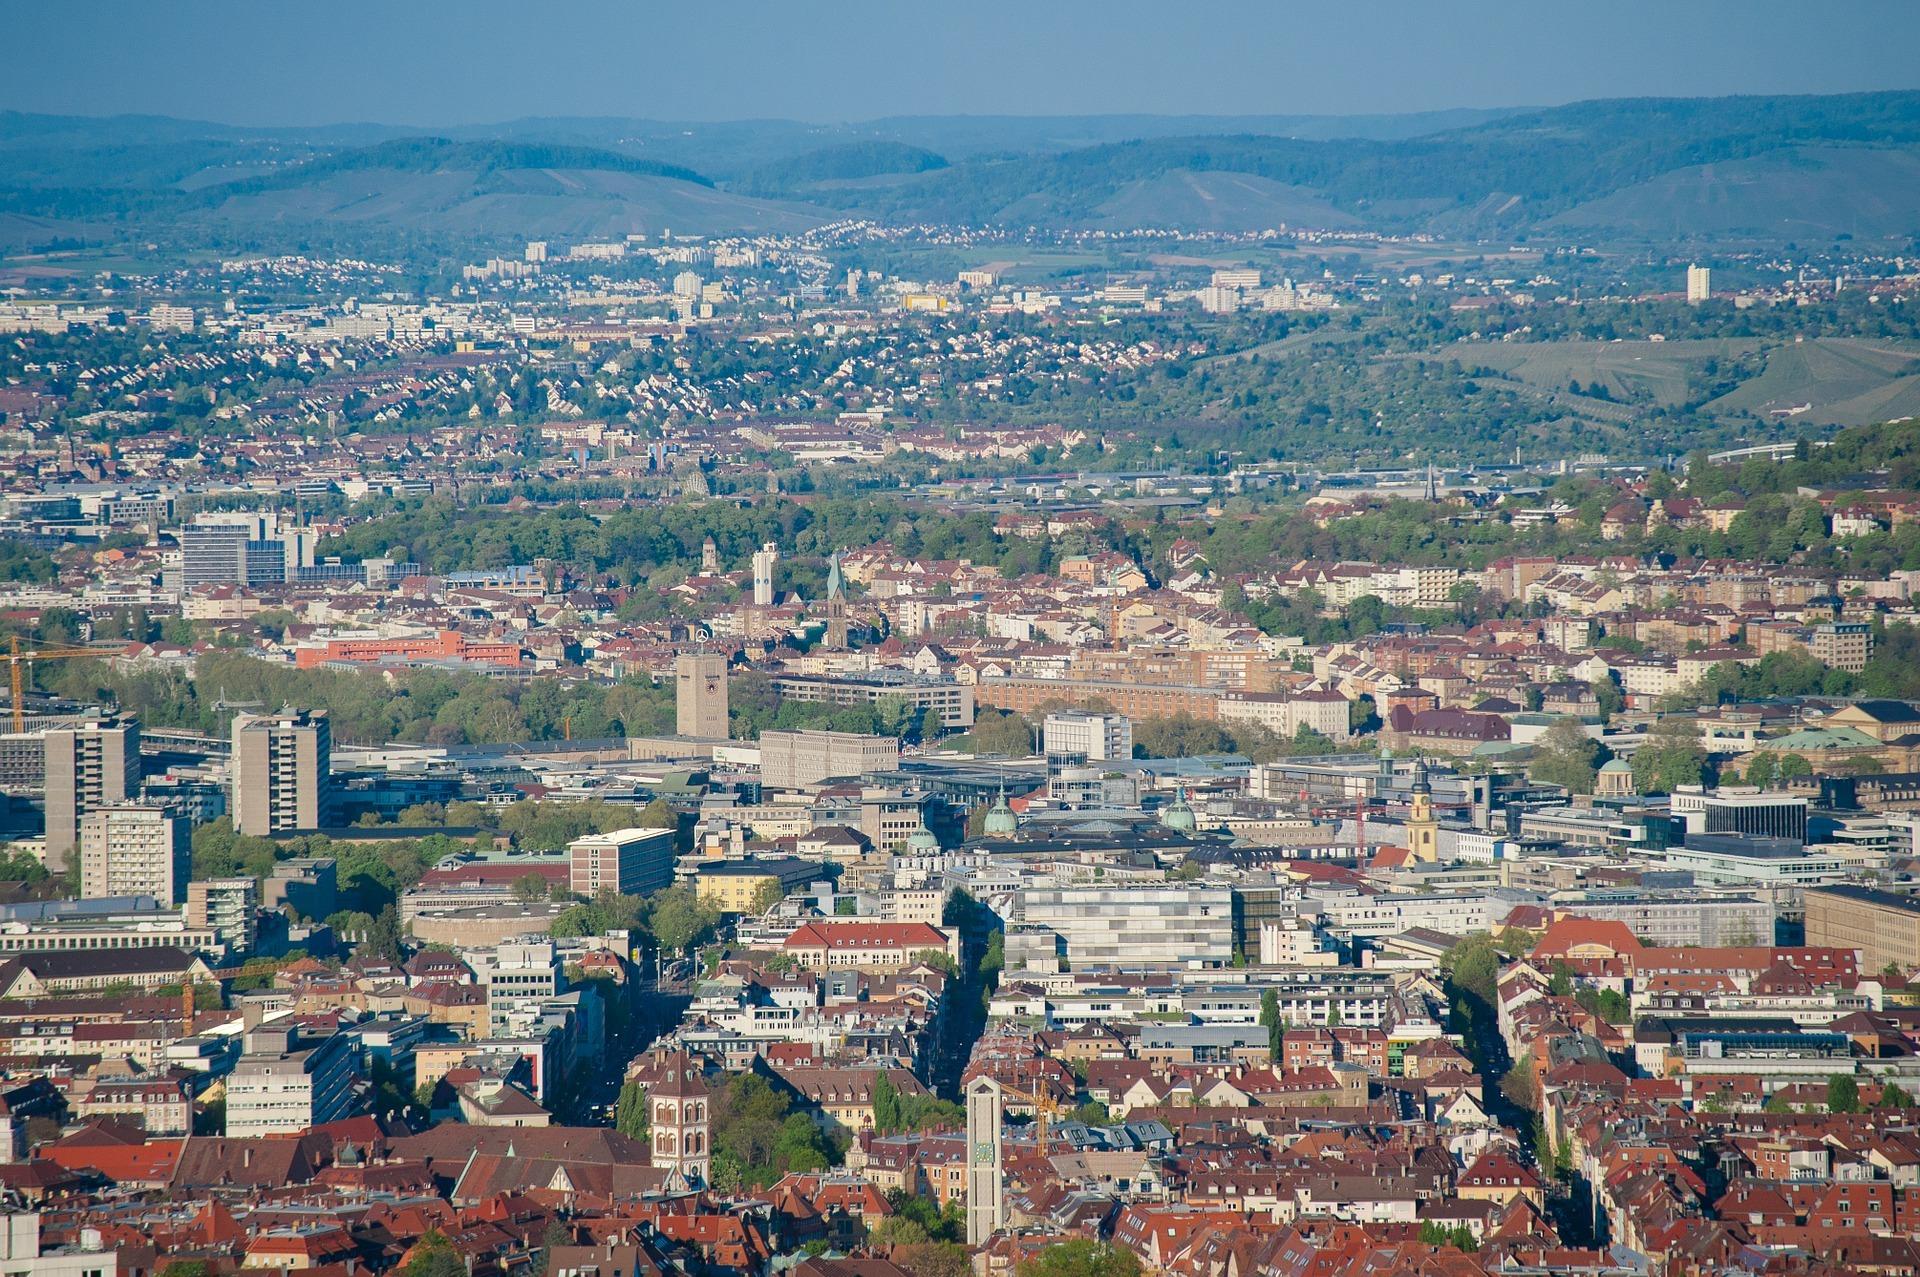 Günstige Immobilien in Stuttgart online finden auf blog-kade.de